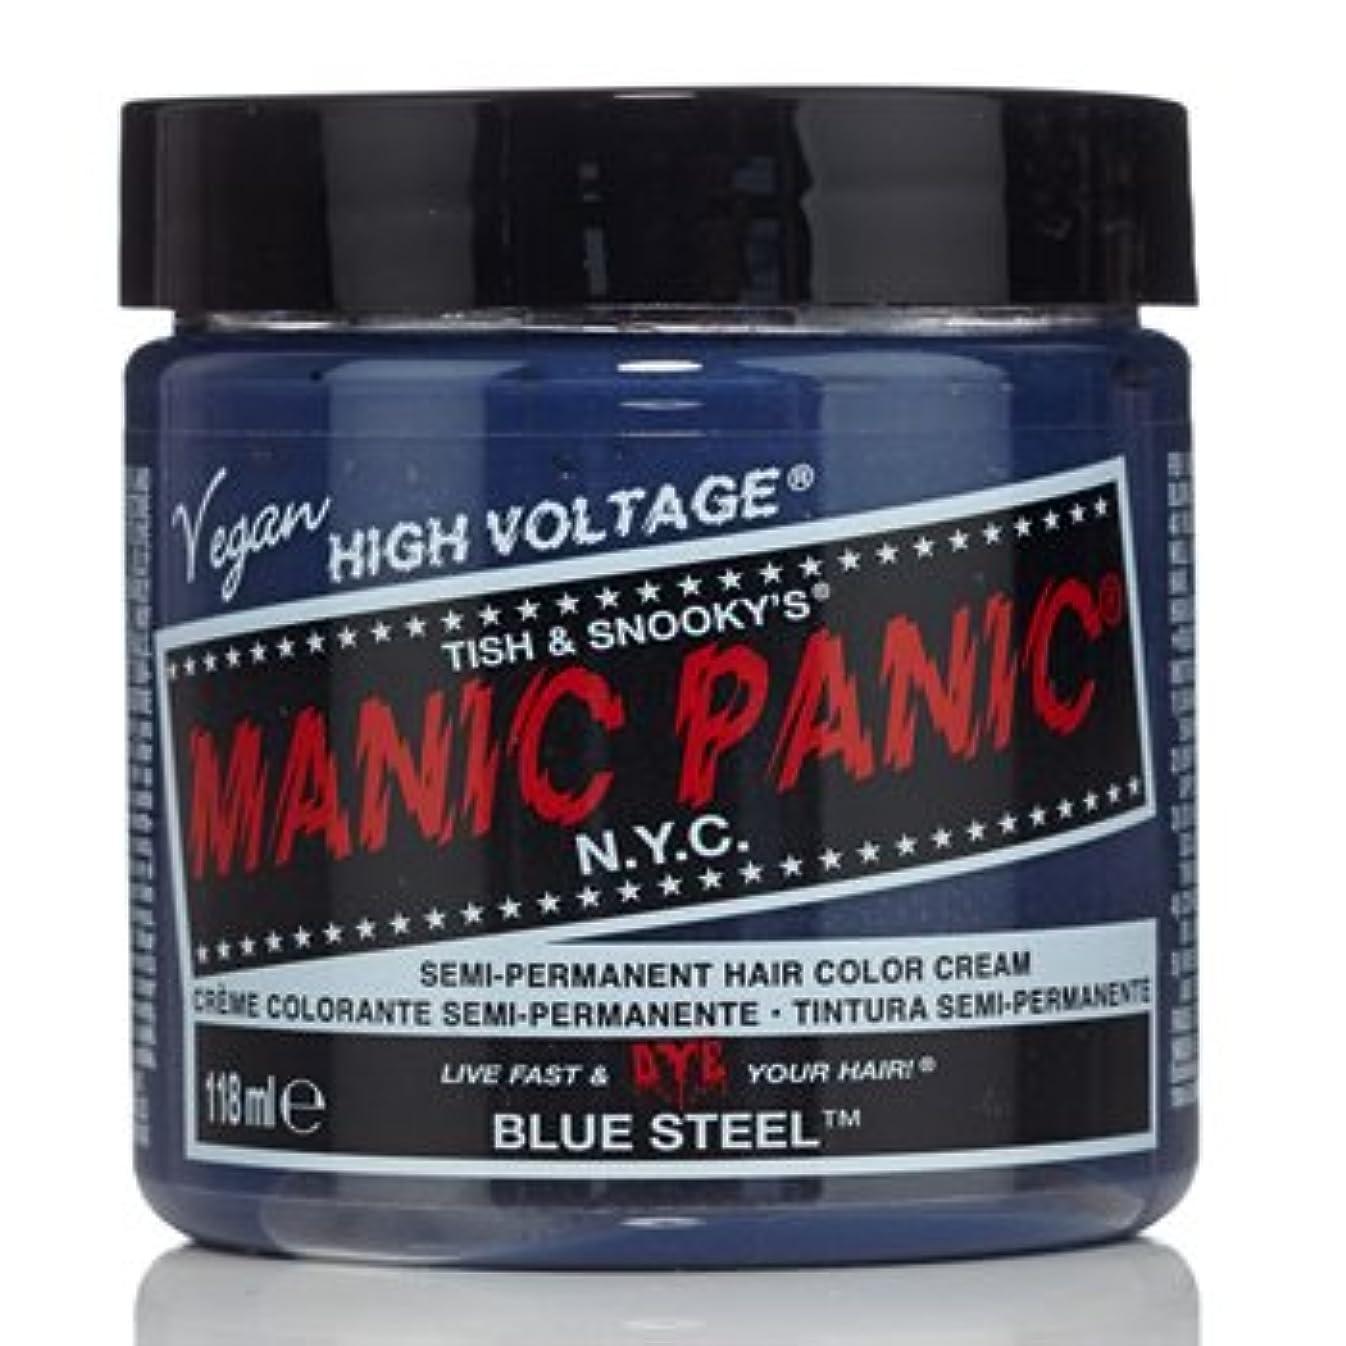 翻訳するストリーム上流の【3個セット】MANIC PANIC マニックパニック ブルースティール MC11052 118ml